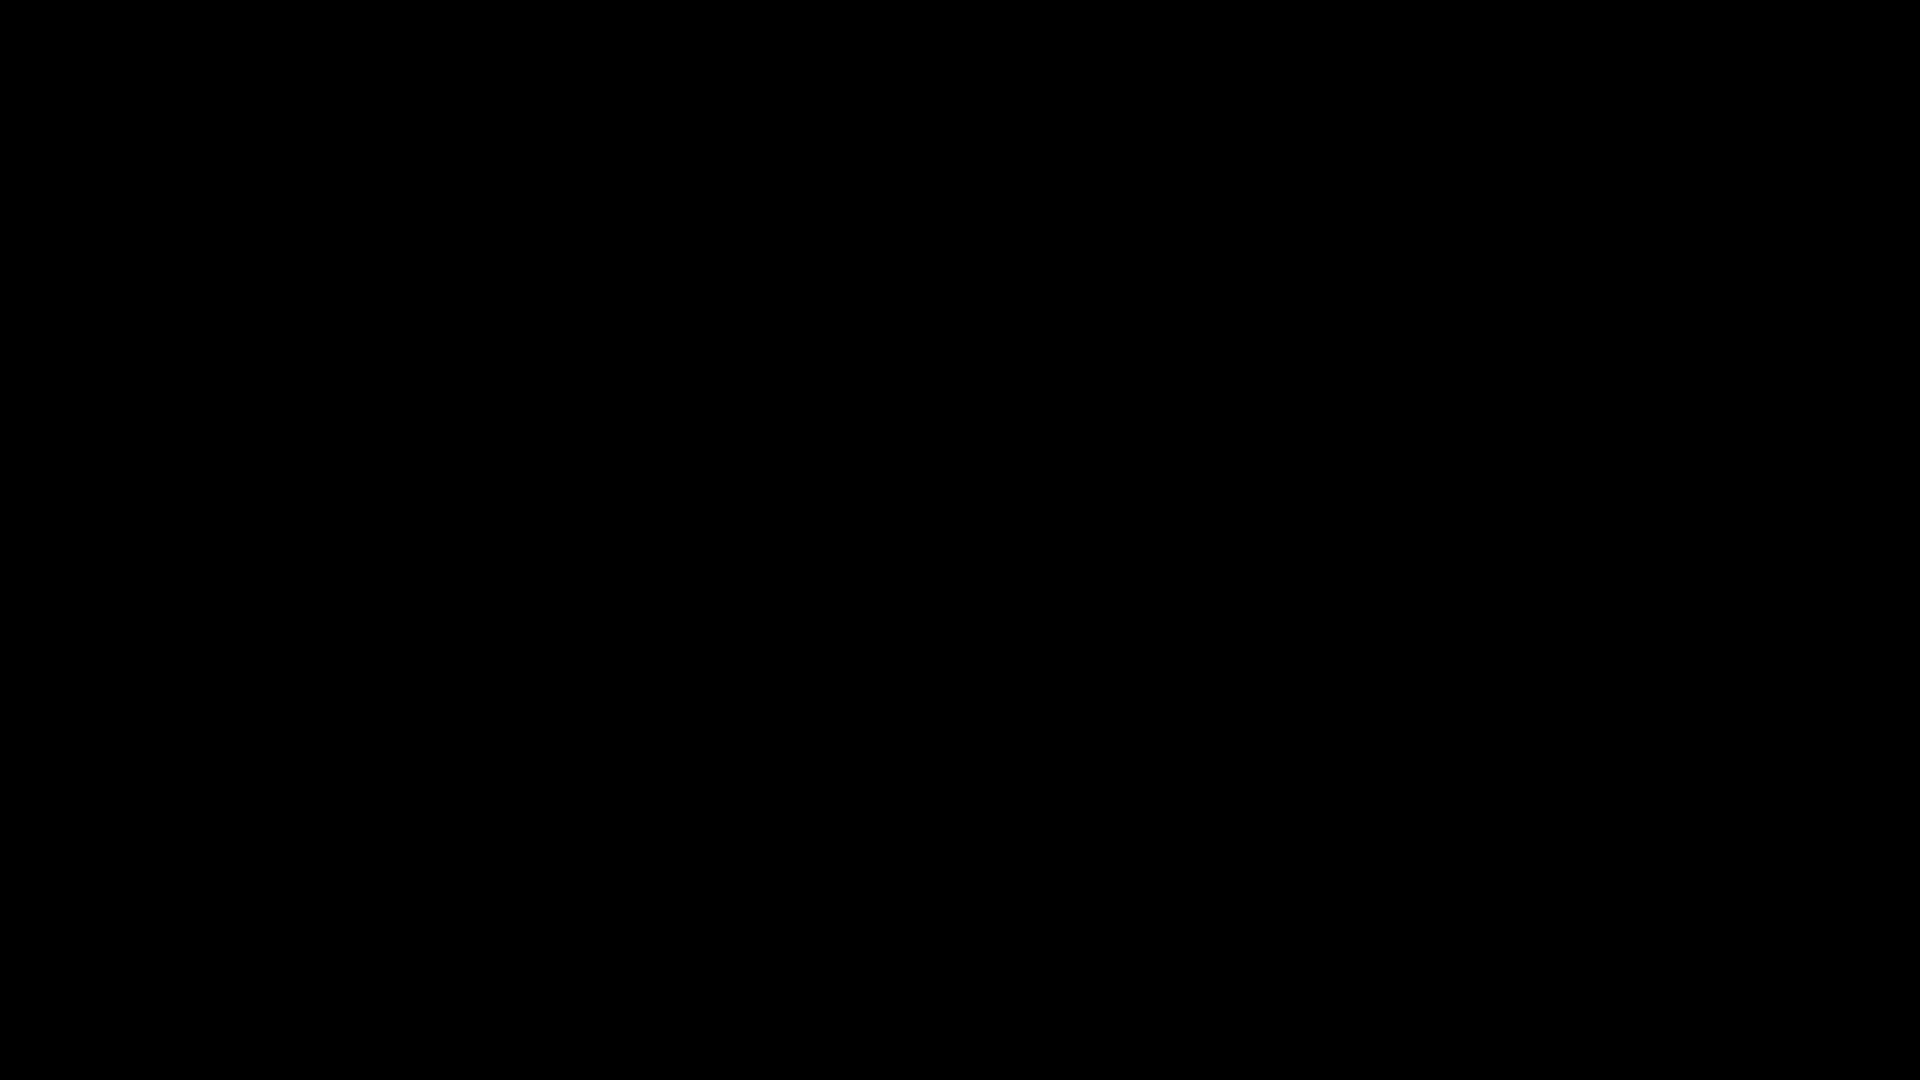 Black Solid Color Background